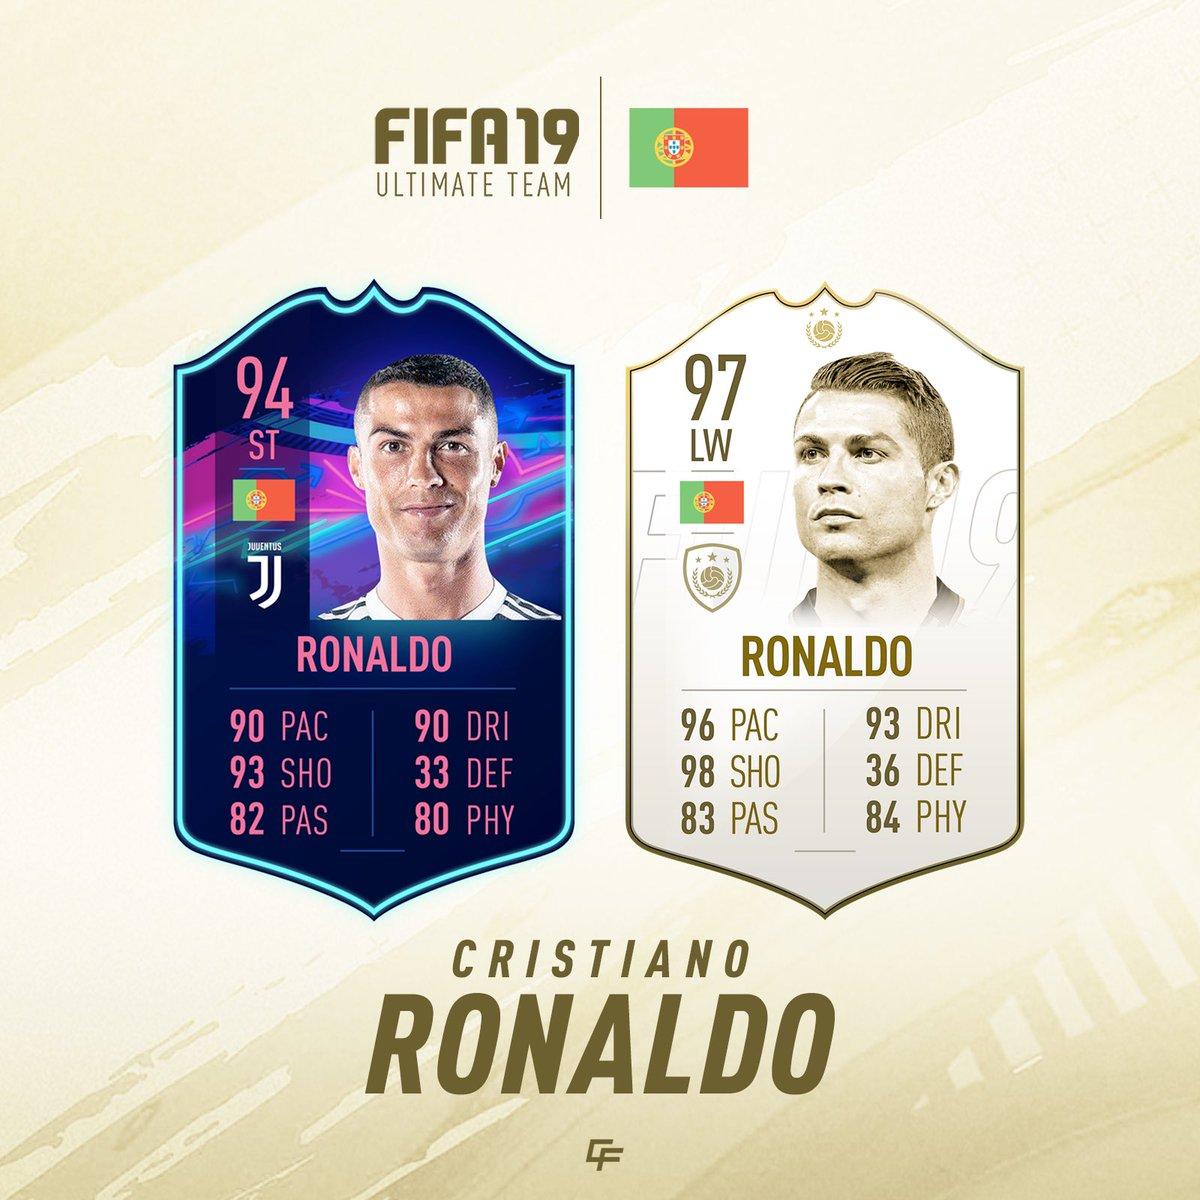 3bbd5e5a0 EA SPORTS FIFA and Matt Craig